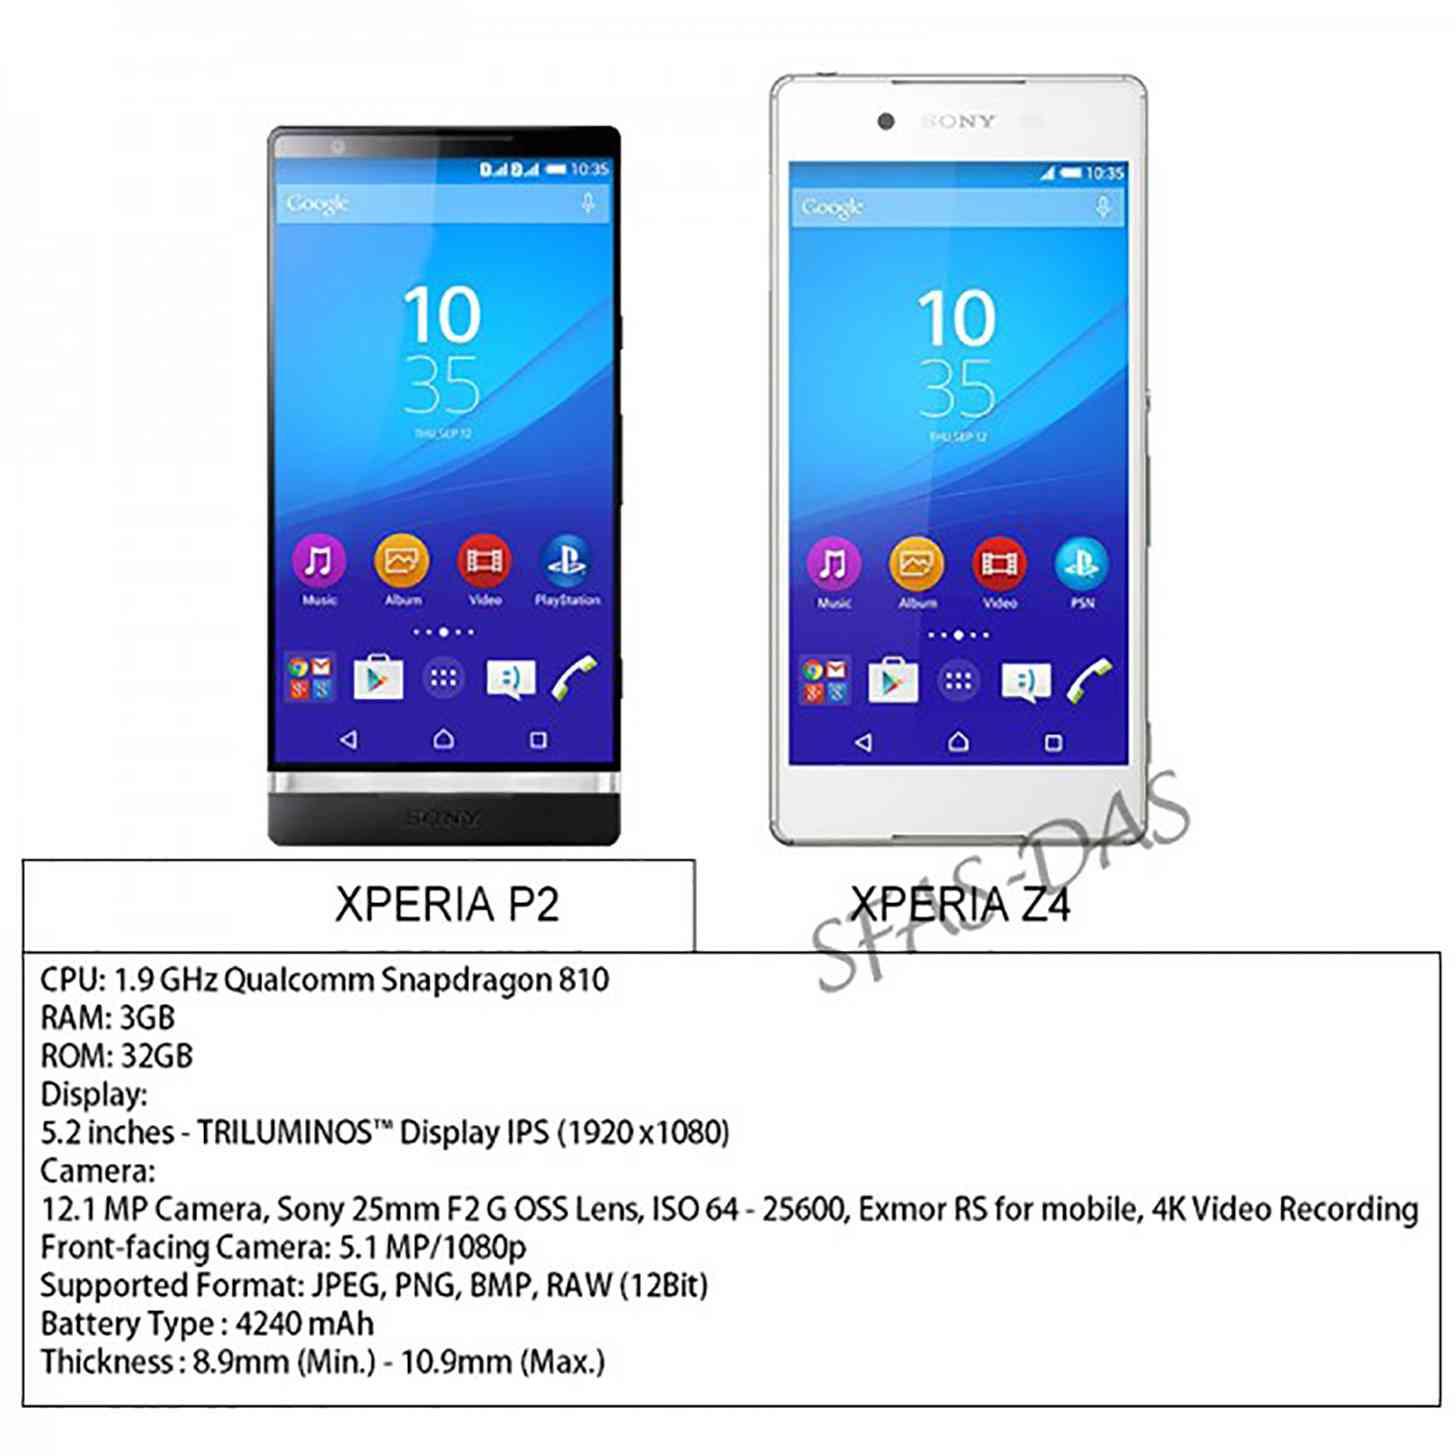 Sony Xperia P2 specs leak